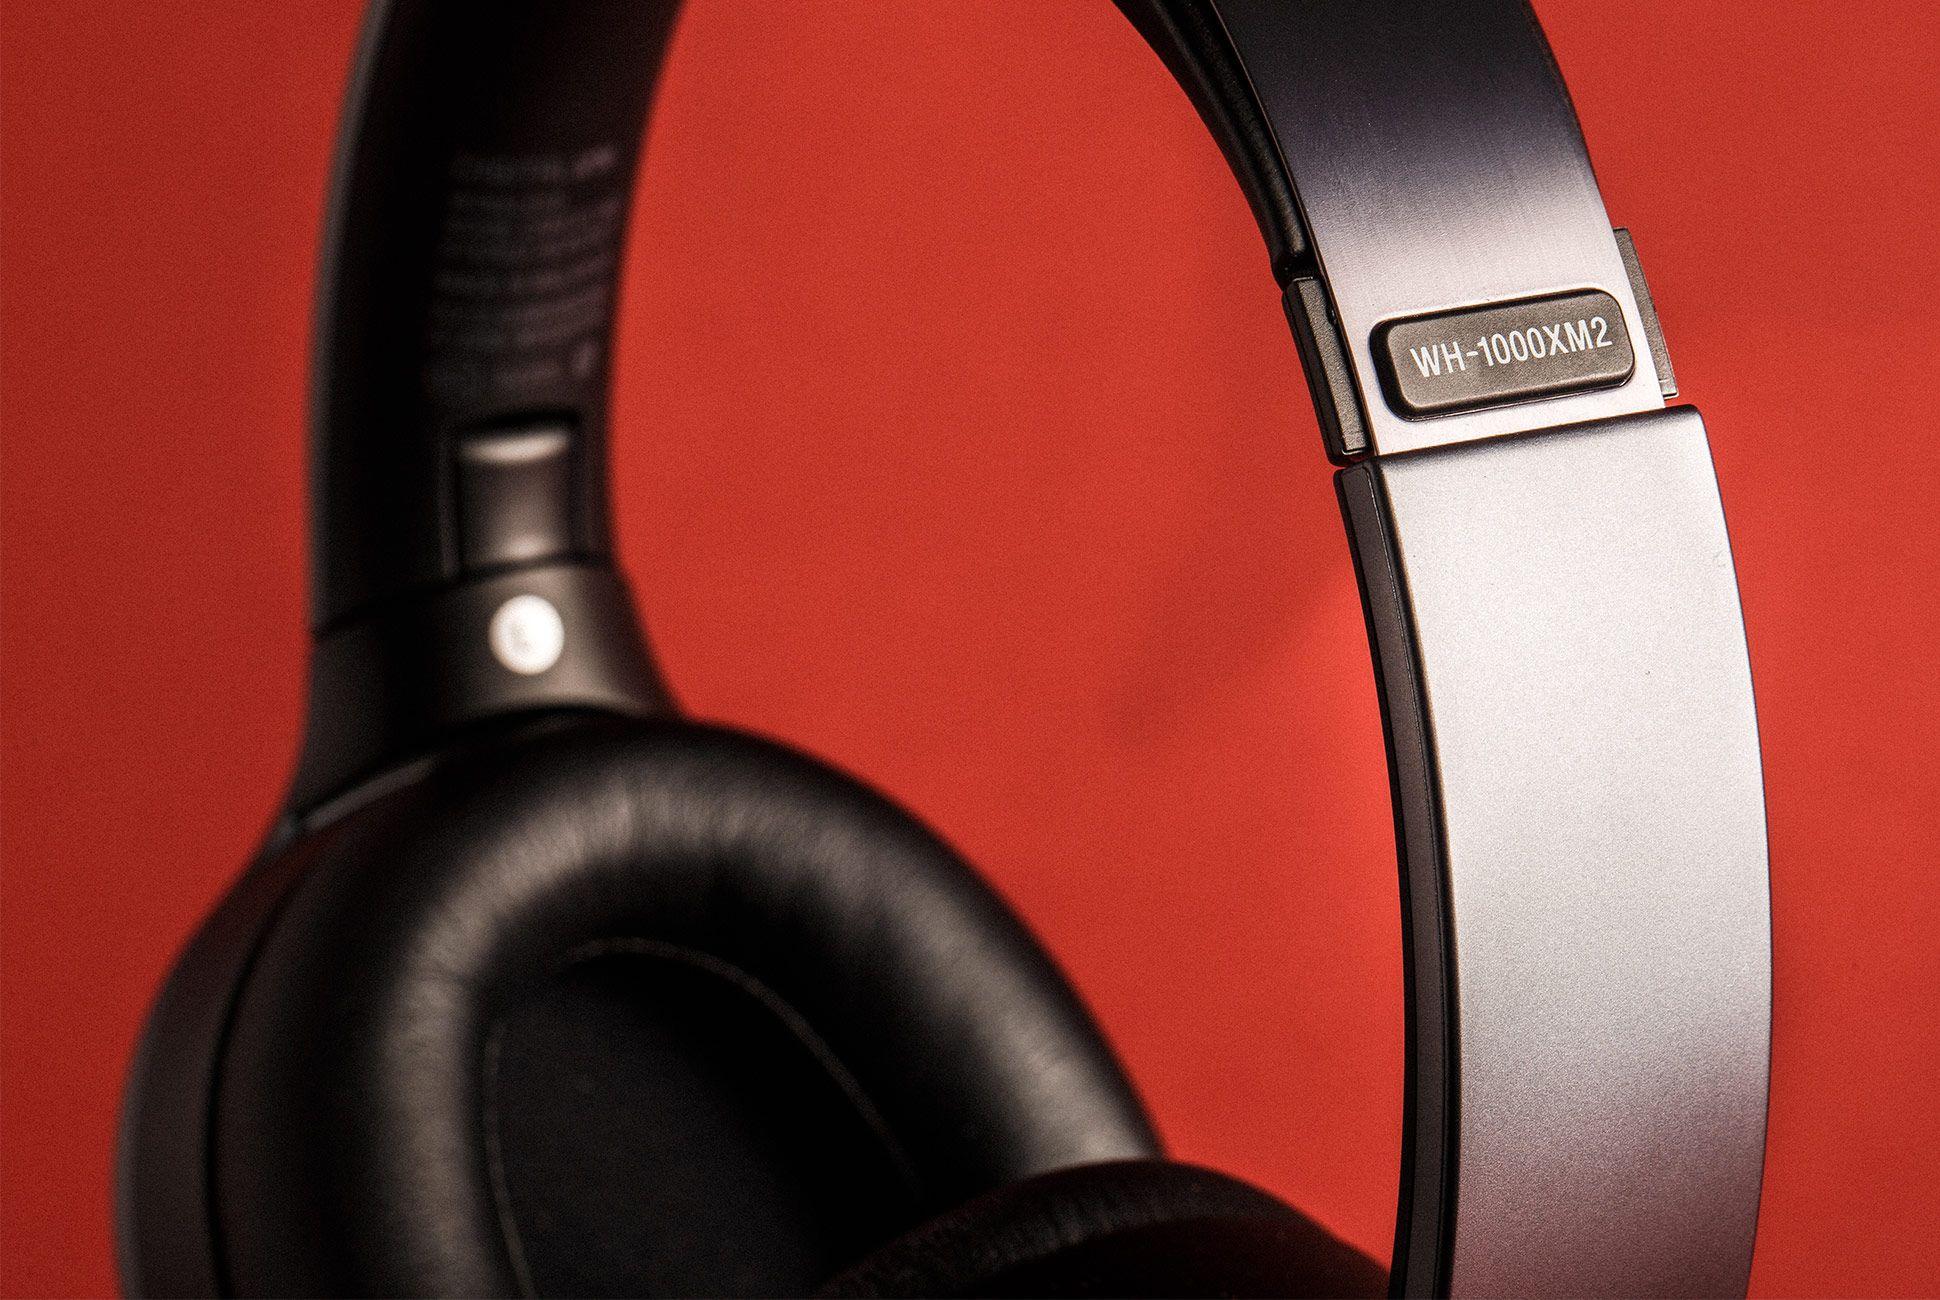 Sony-1000XM2-Review-gear-patrol-2